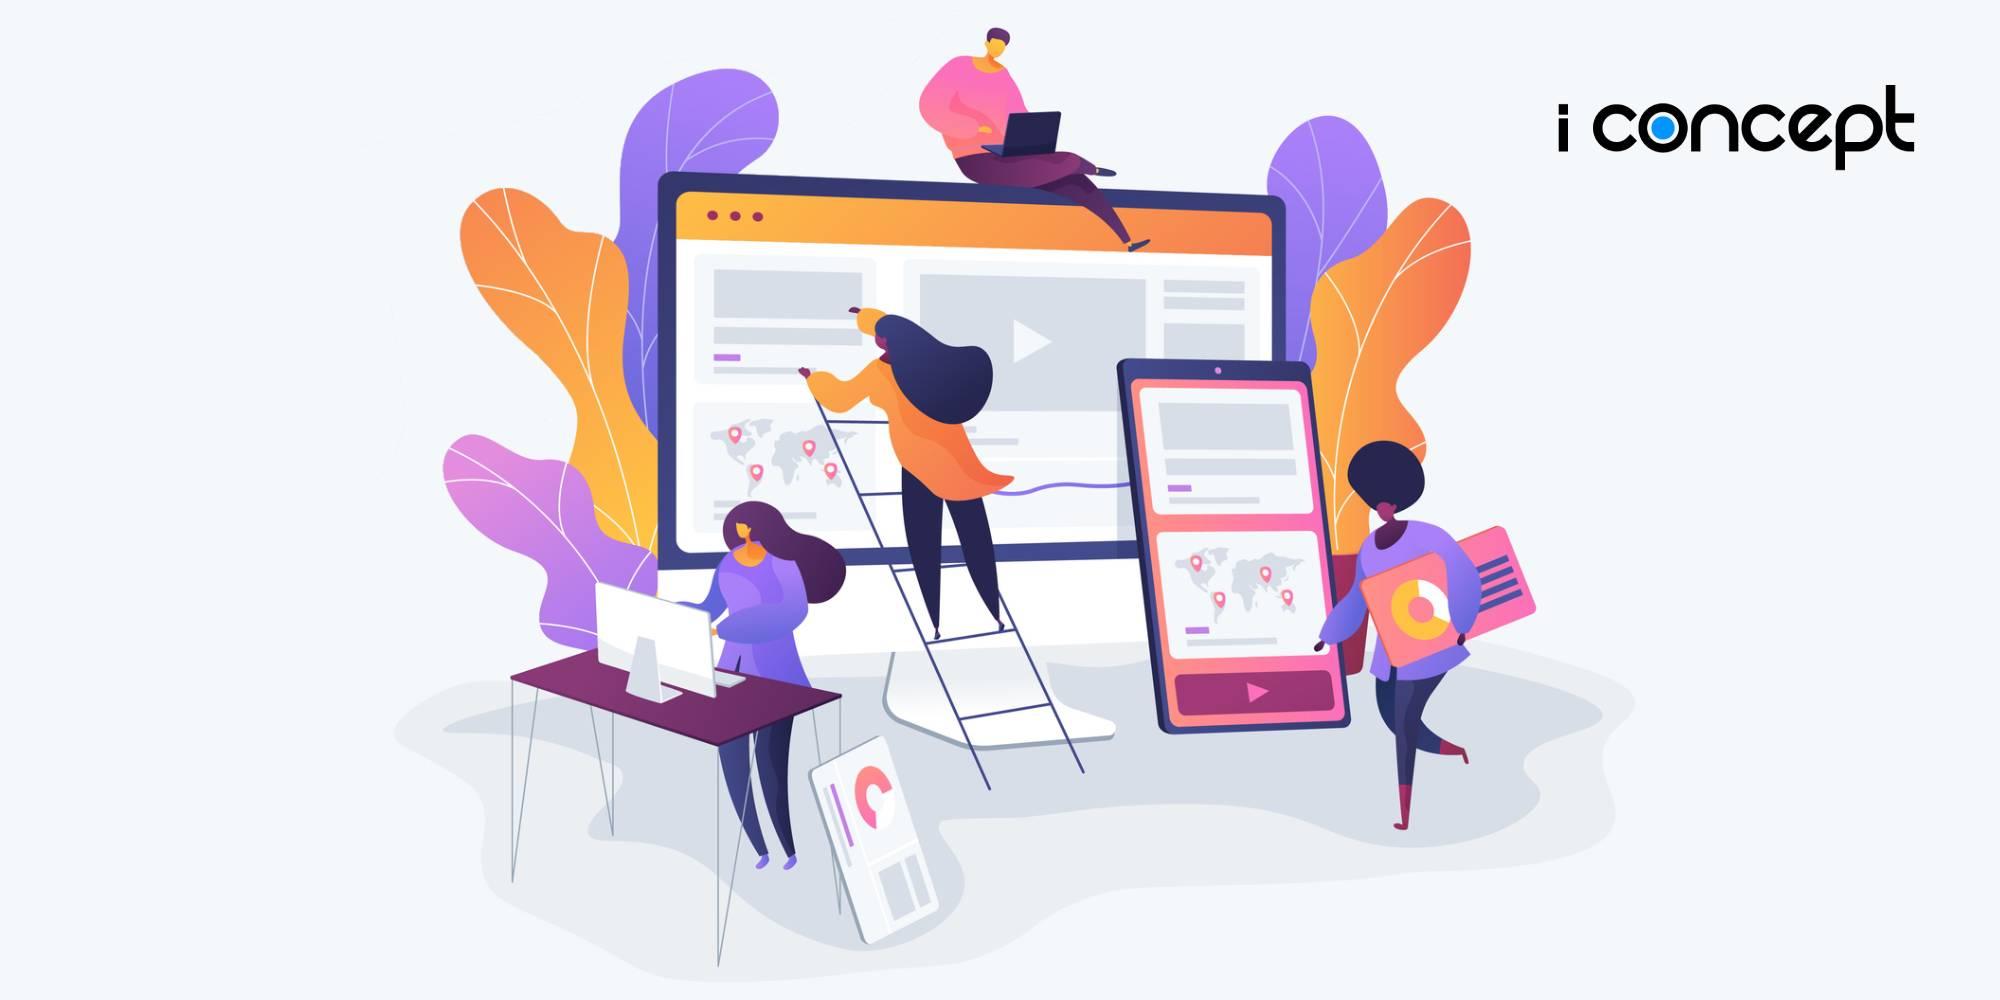 5 UX Design Principles for Great Website Design